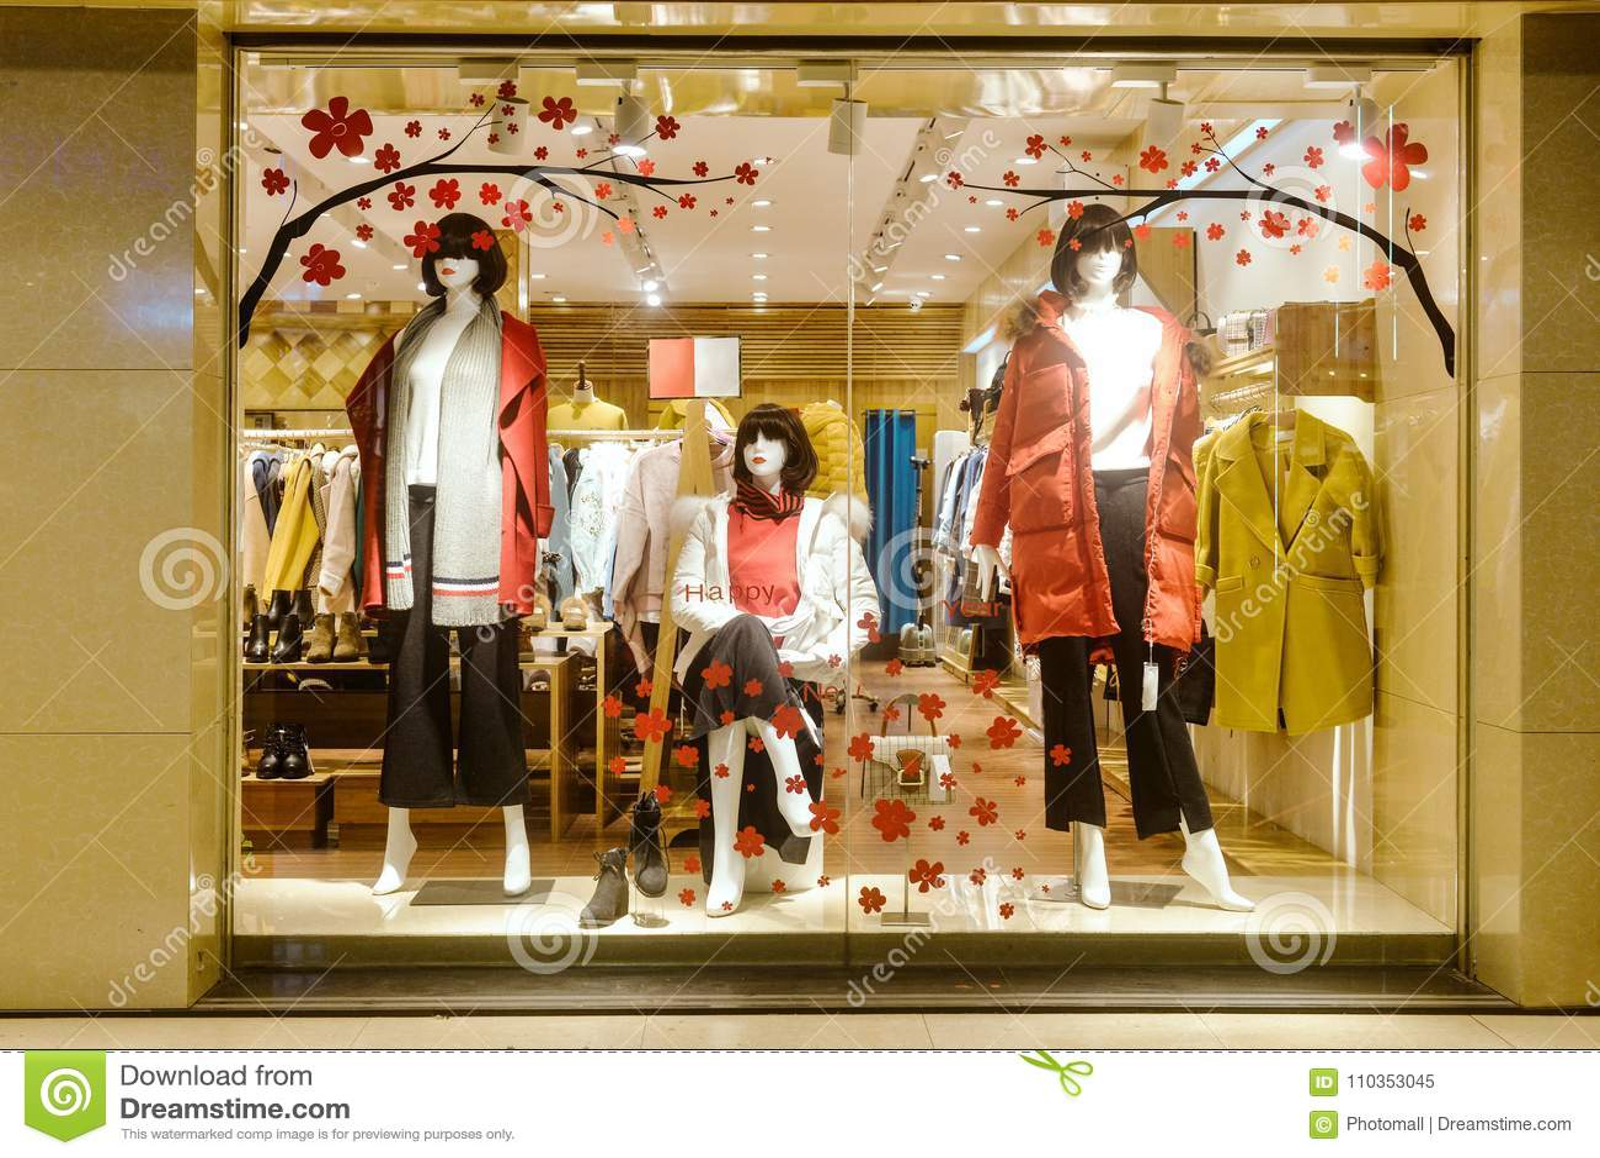 efe481a4c0b7 Ventana De Exhibición Del Boutique De La Moda Con Los Maniquíes ...